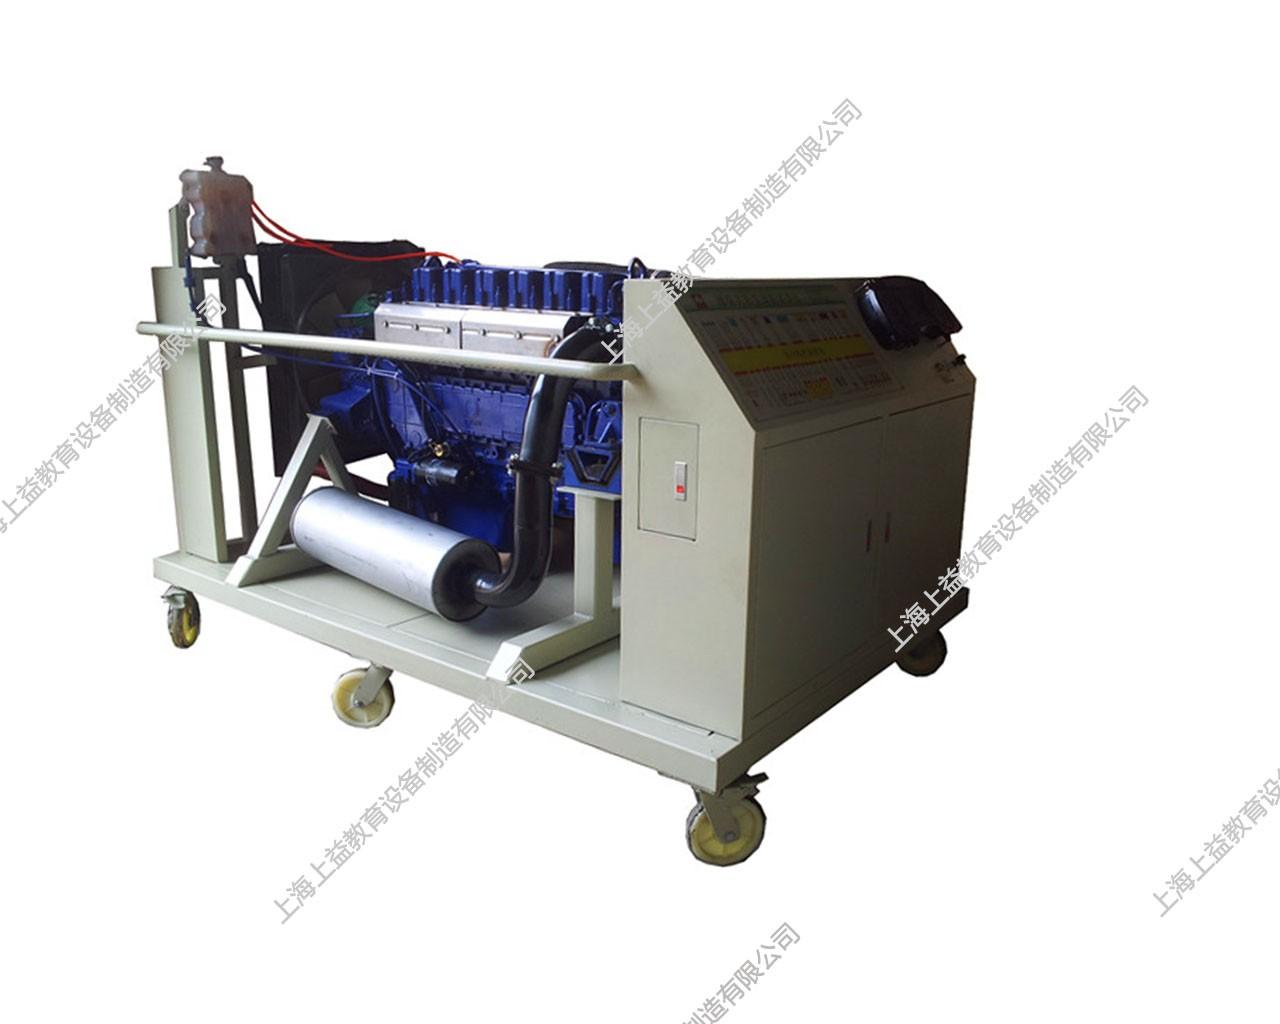 电控高压共轨柴油发动机wwwlehu8vip台(维柴WP10共轨)